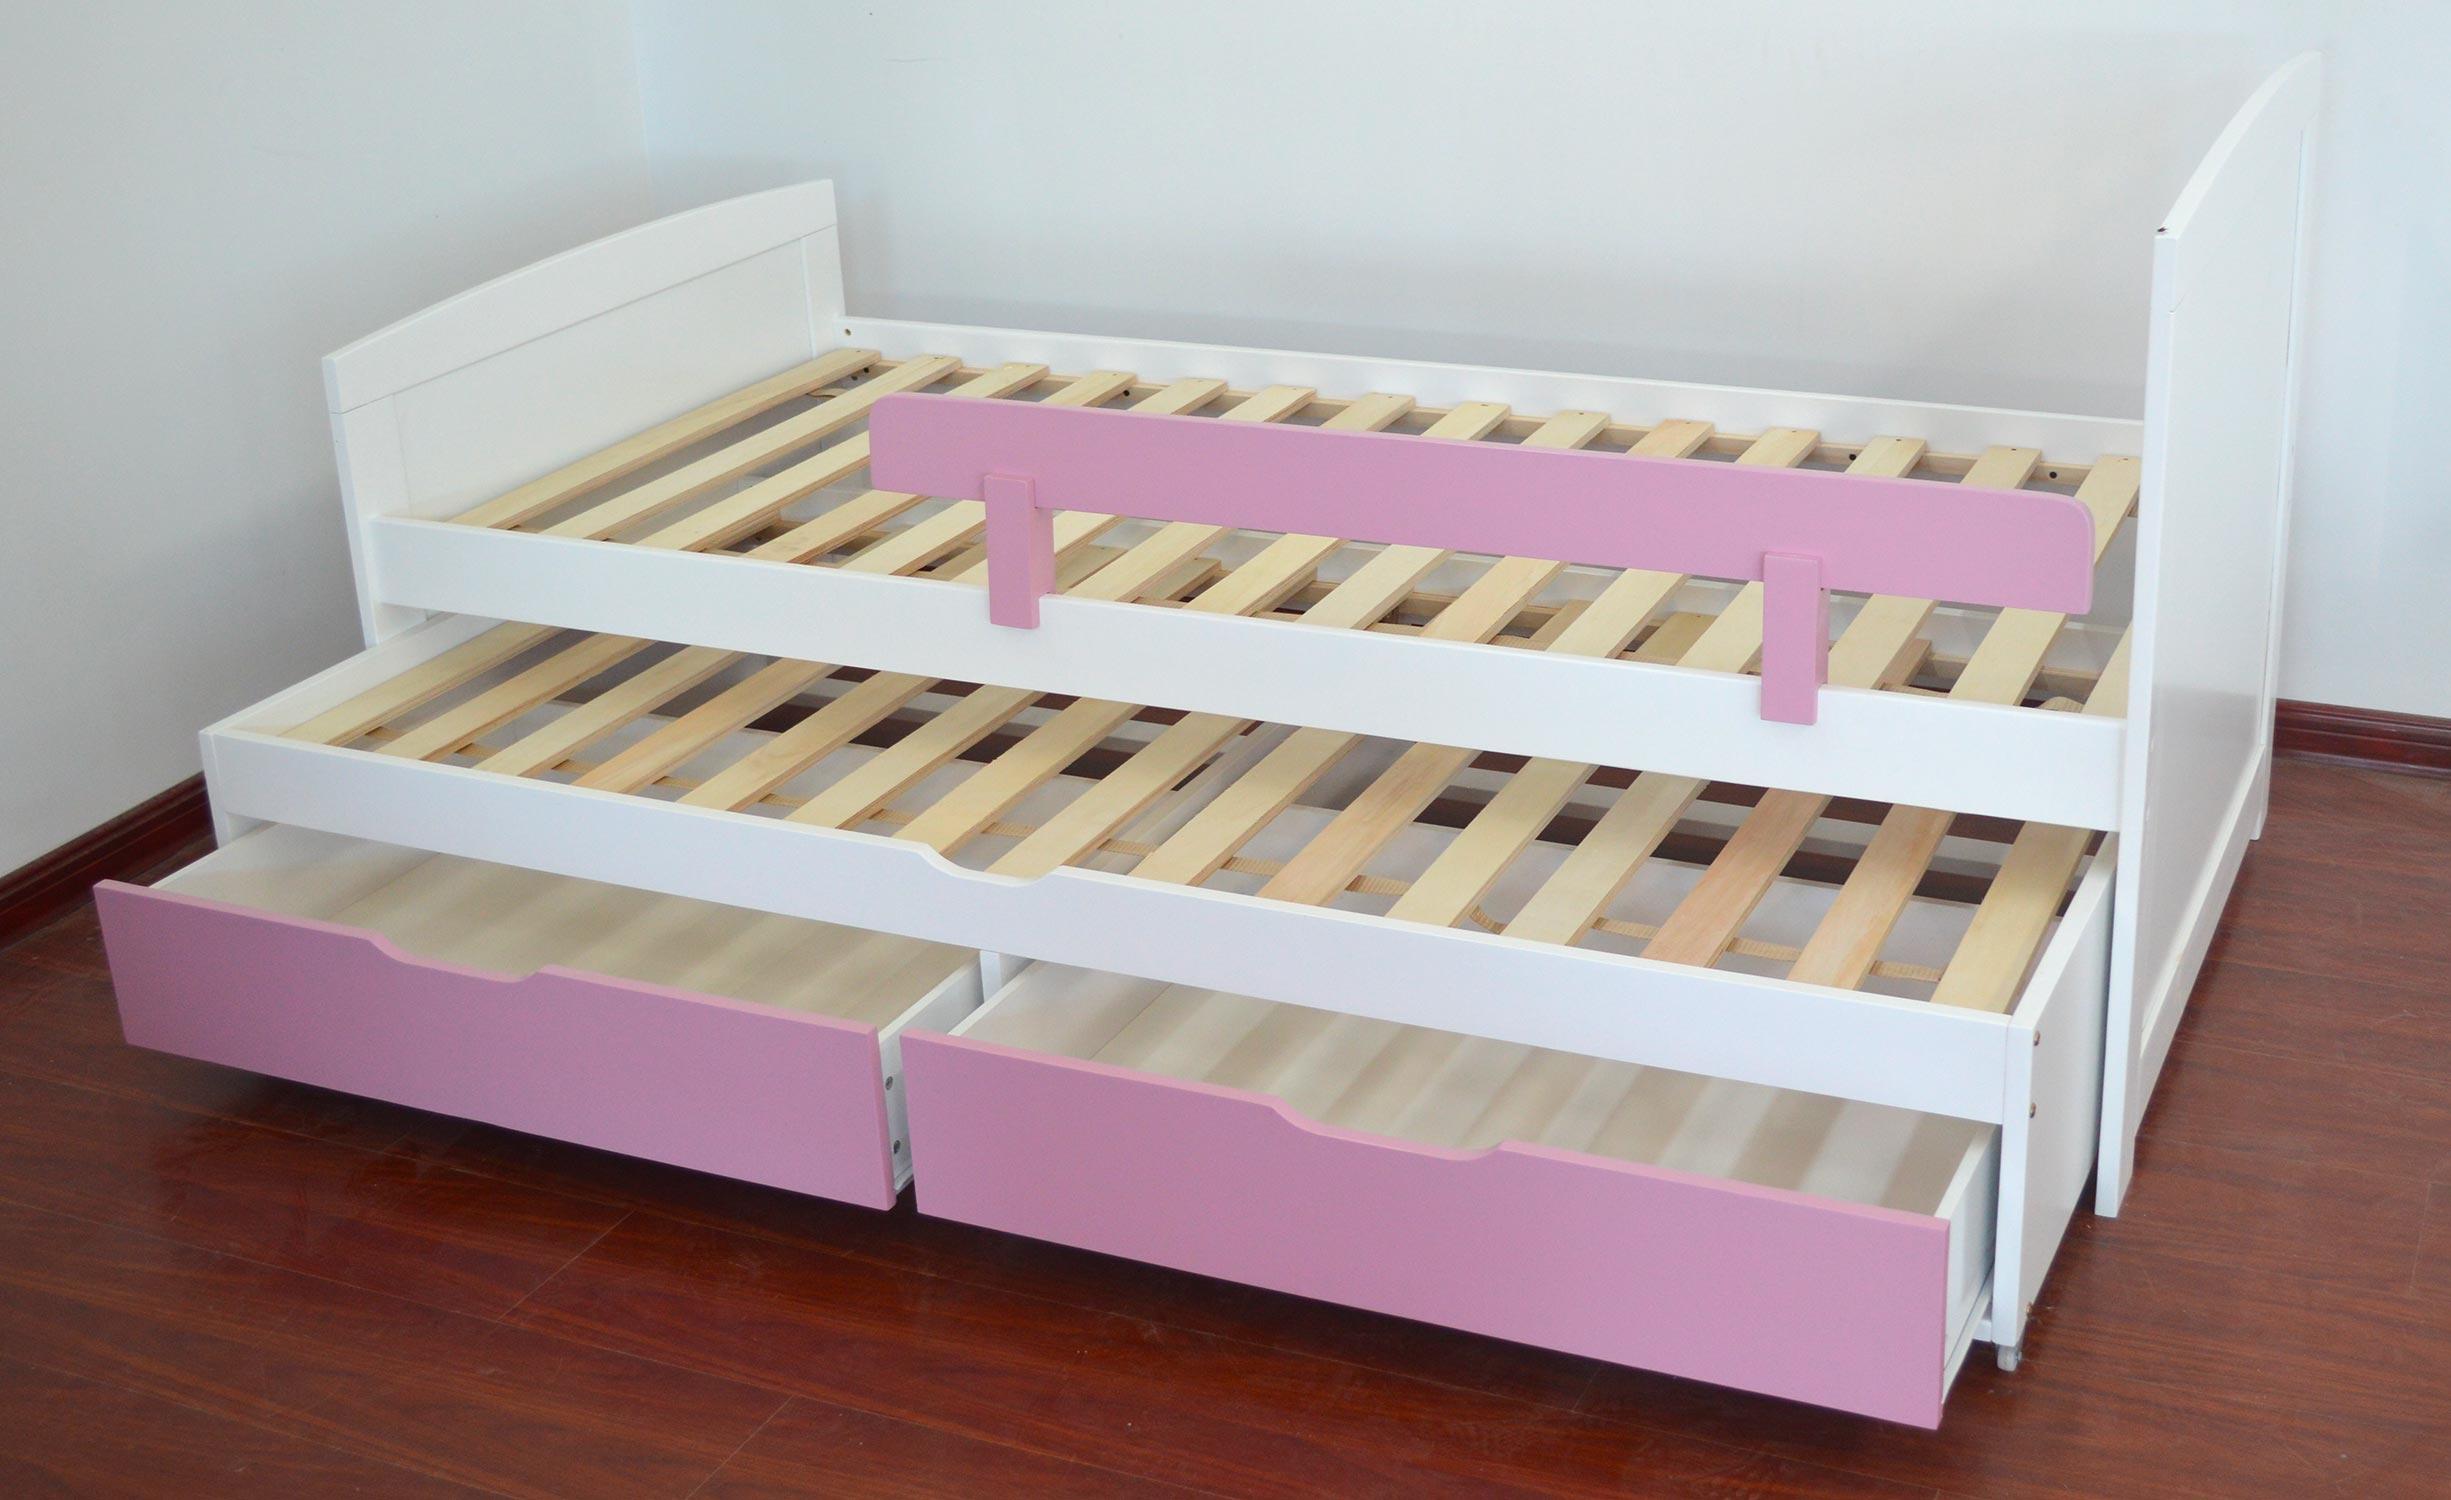 Letto estraibile bambino con reti e cassetti Patapon bianco e rosa